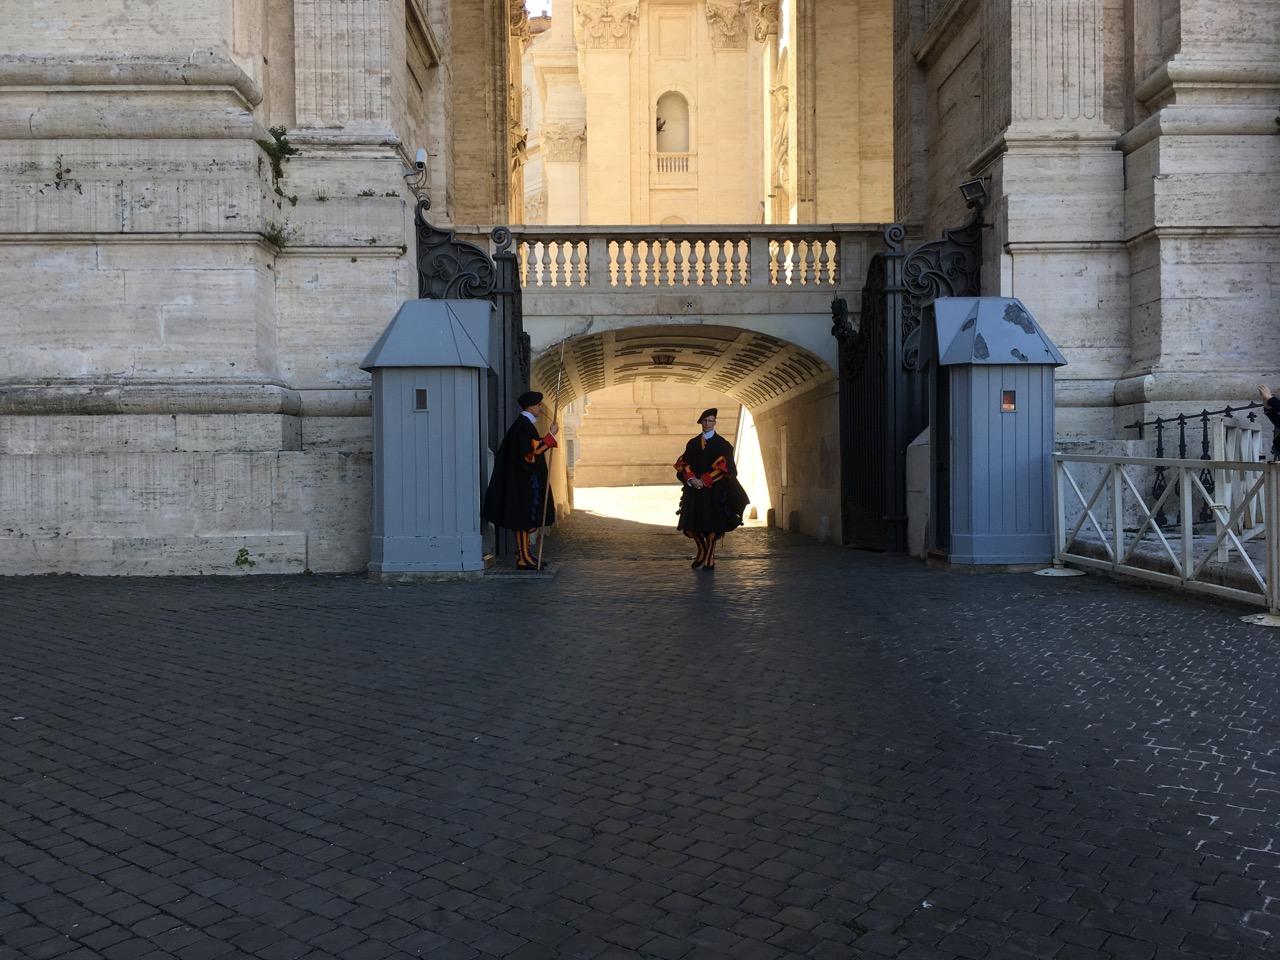 穿着梵蒂冈特色制服的卫兵